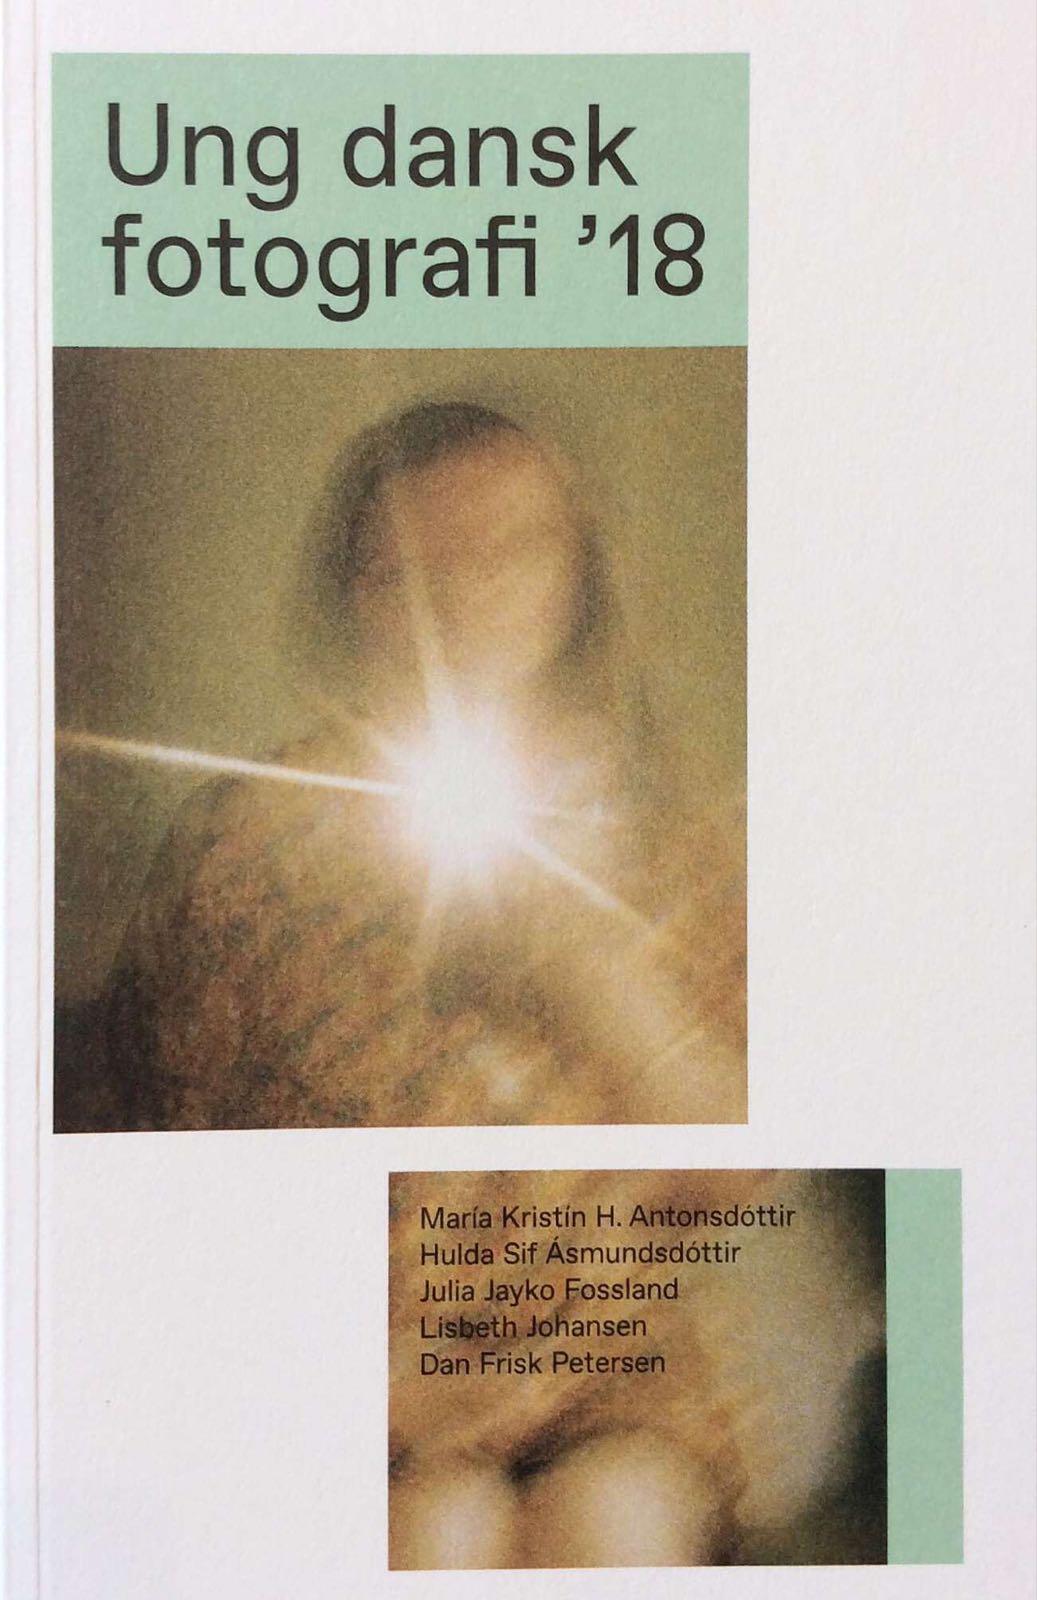 Katalog, Ung dansk fotografi '18